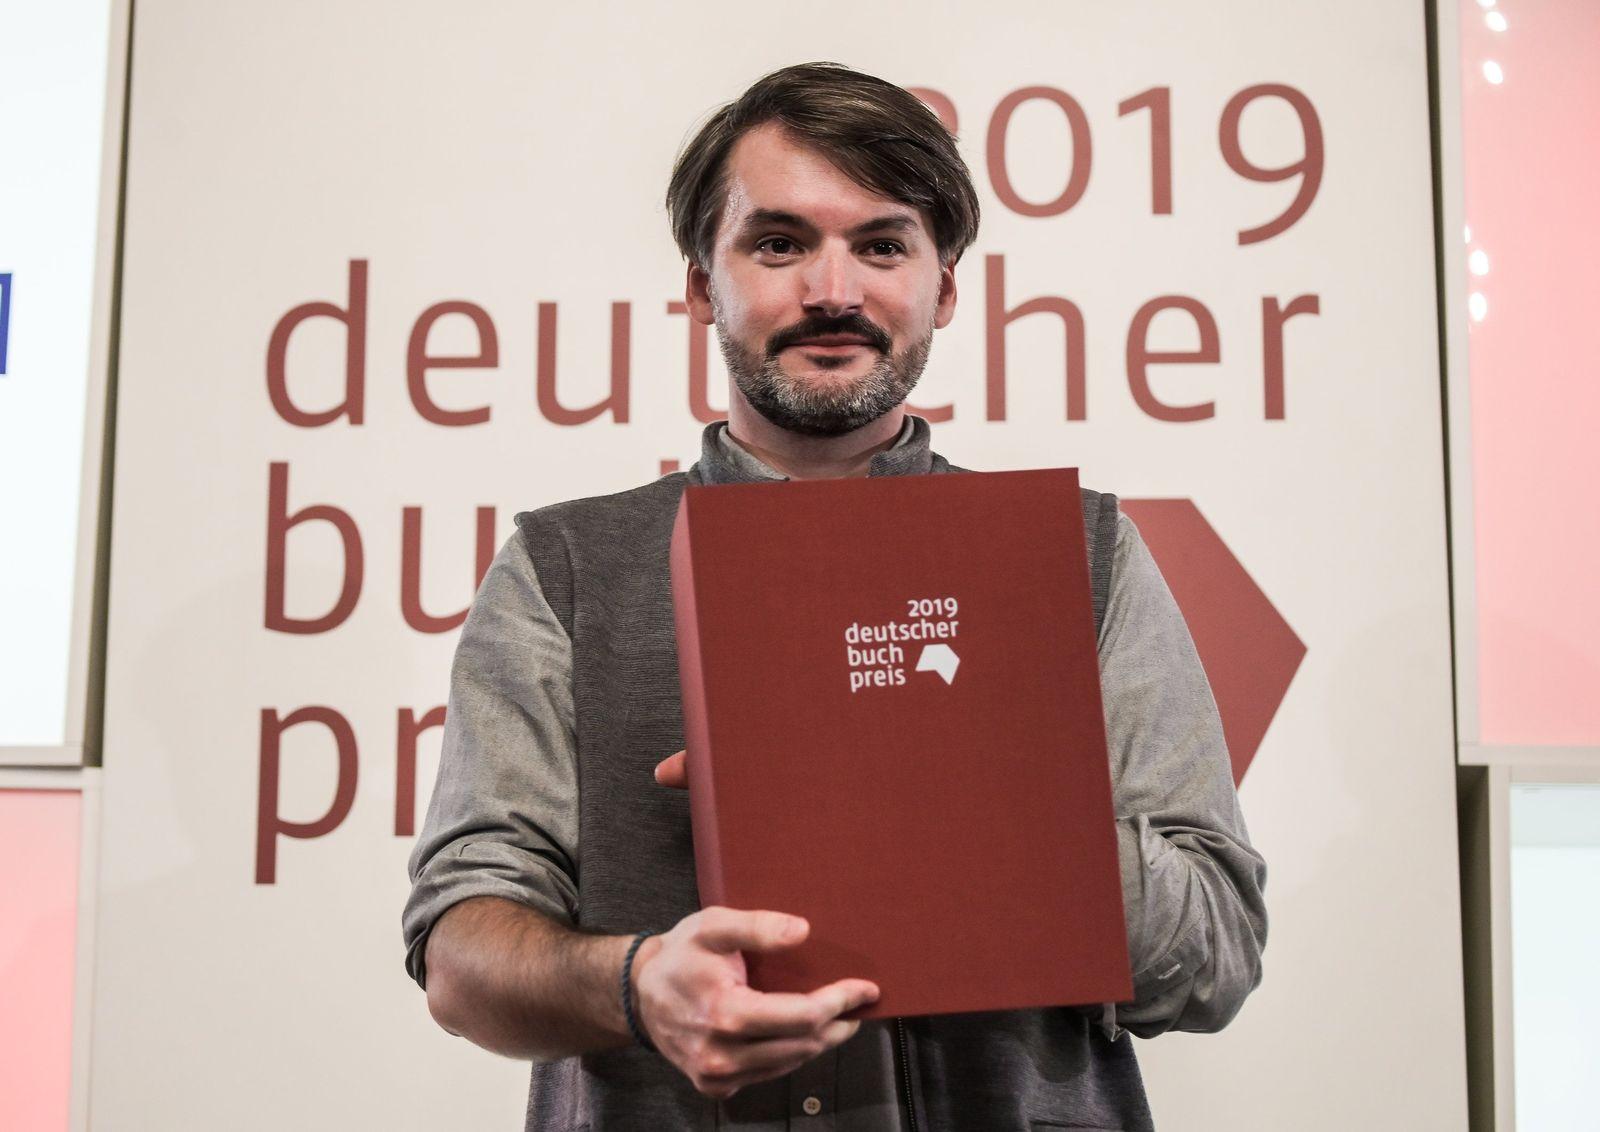 Deutscher Buchpreis 2019/ Sasa Stanisic